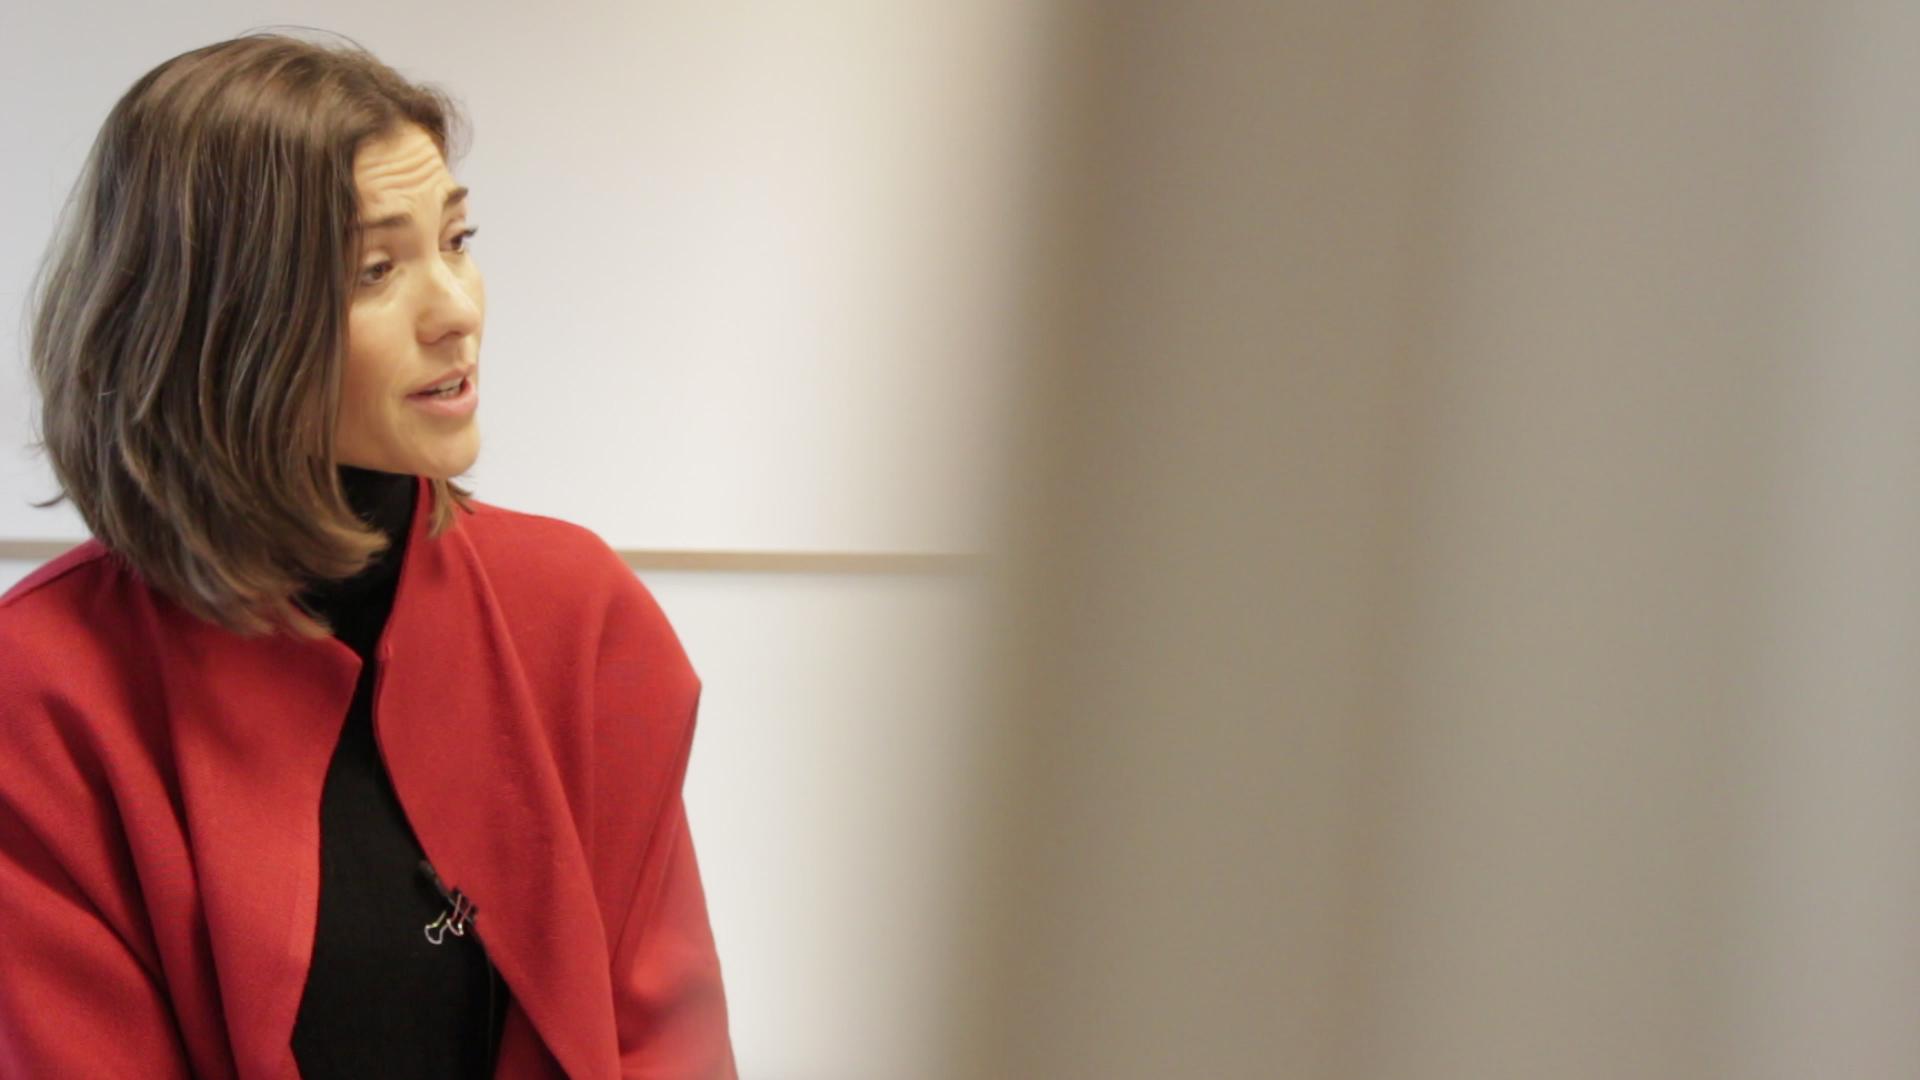 Carlotta Chiesa: The Recruitment Business